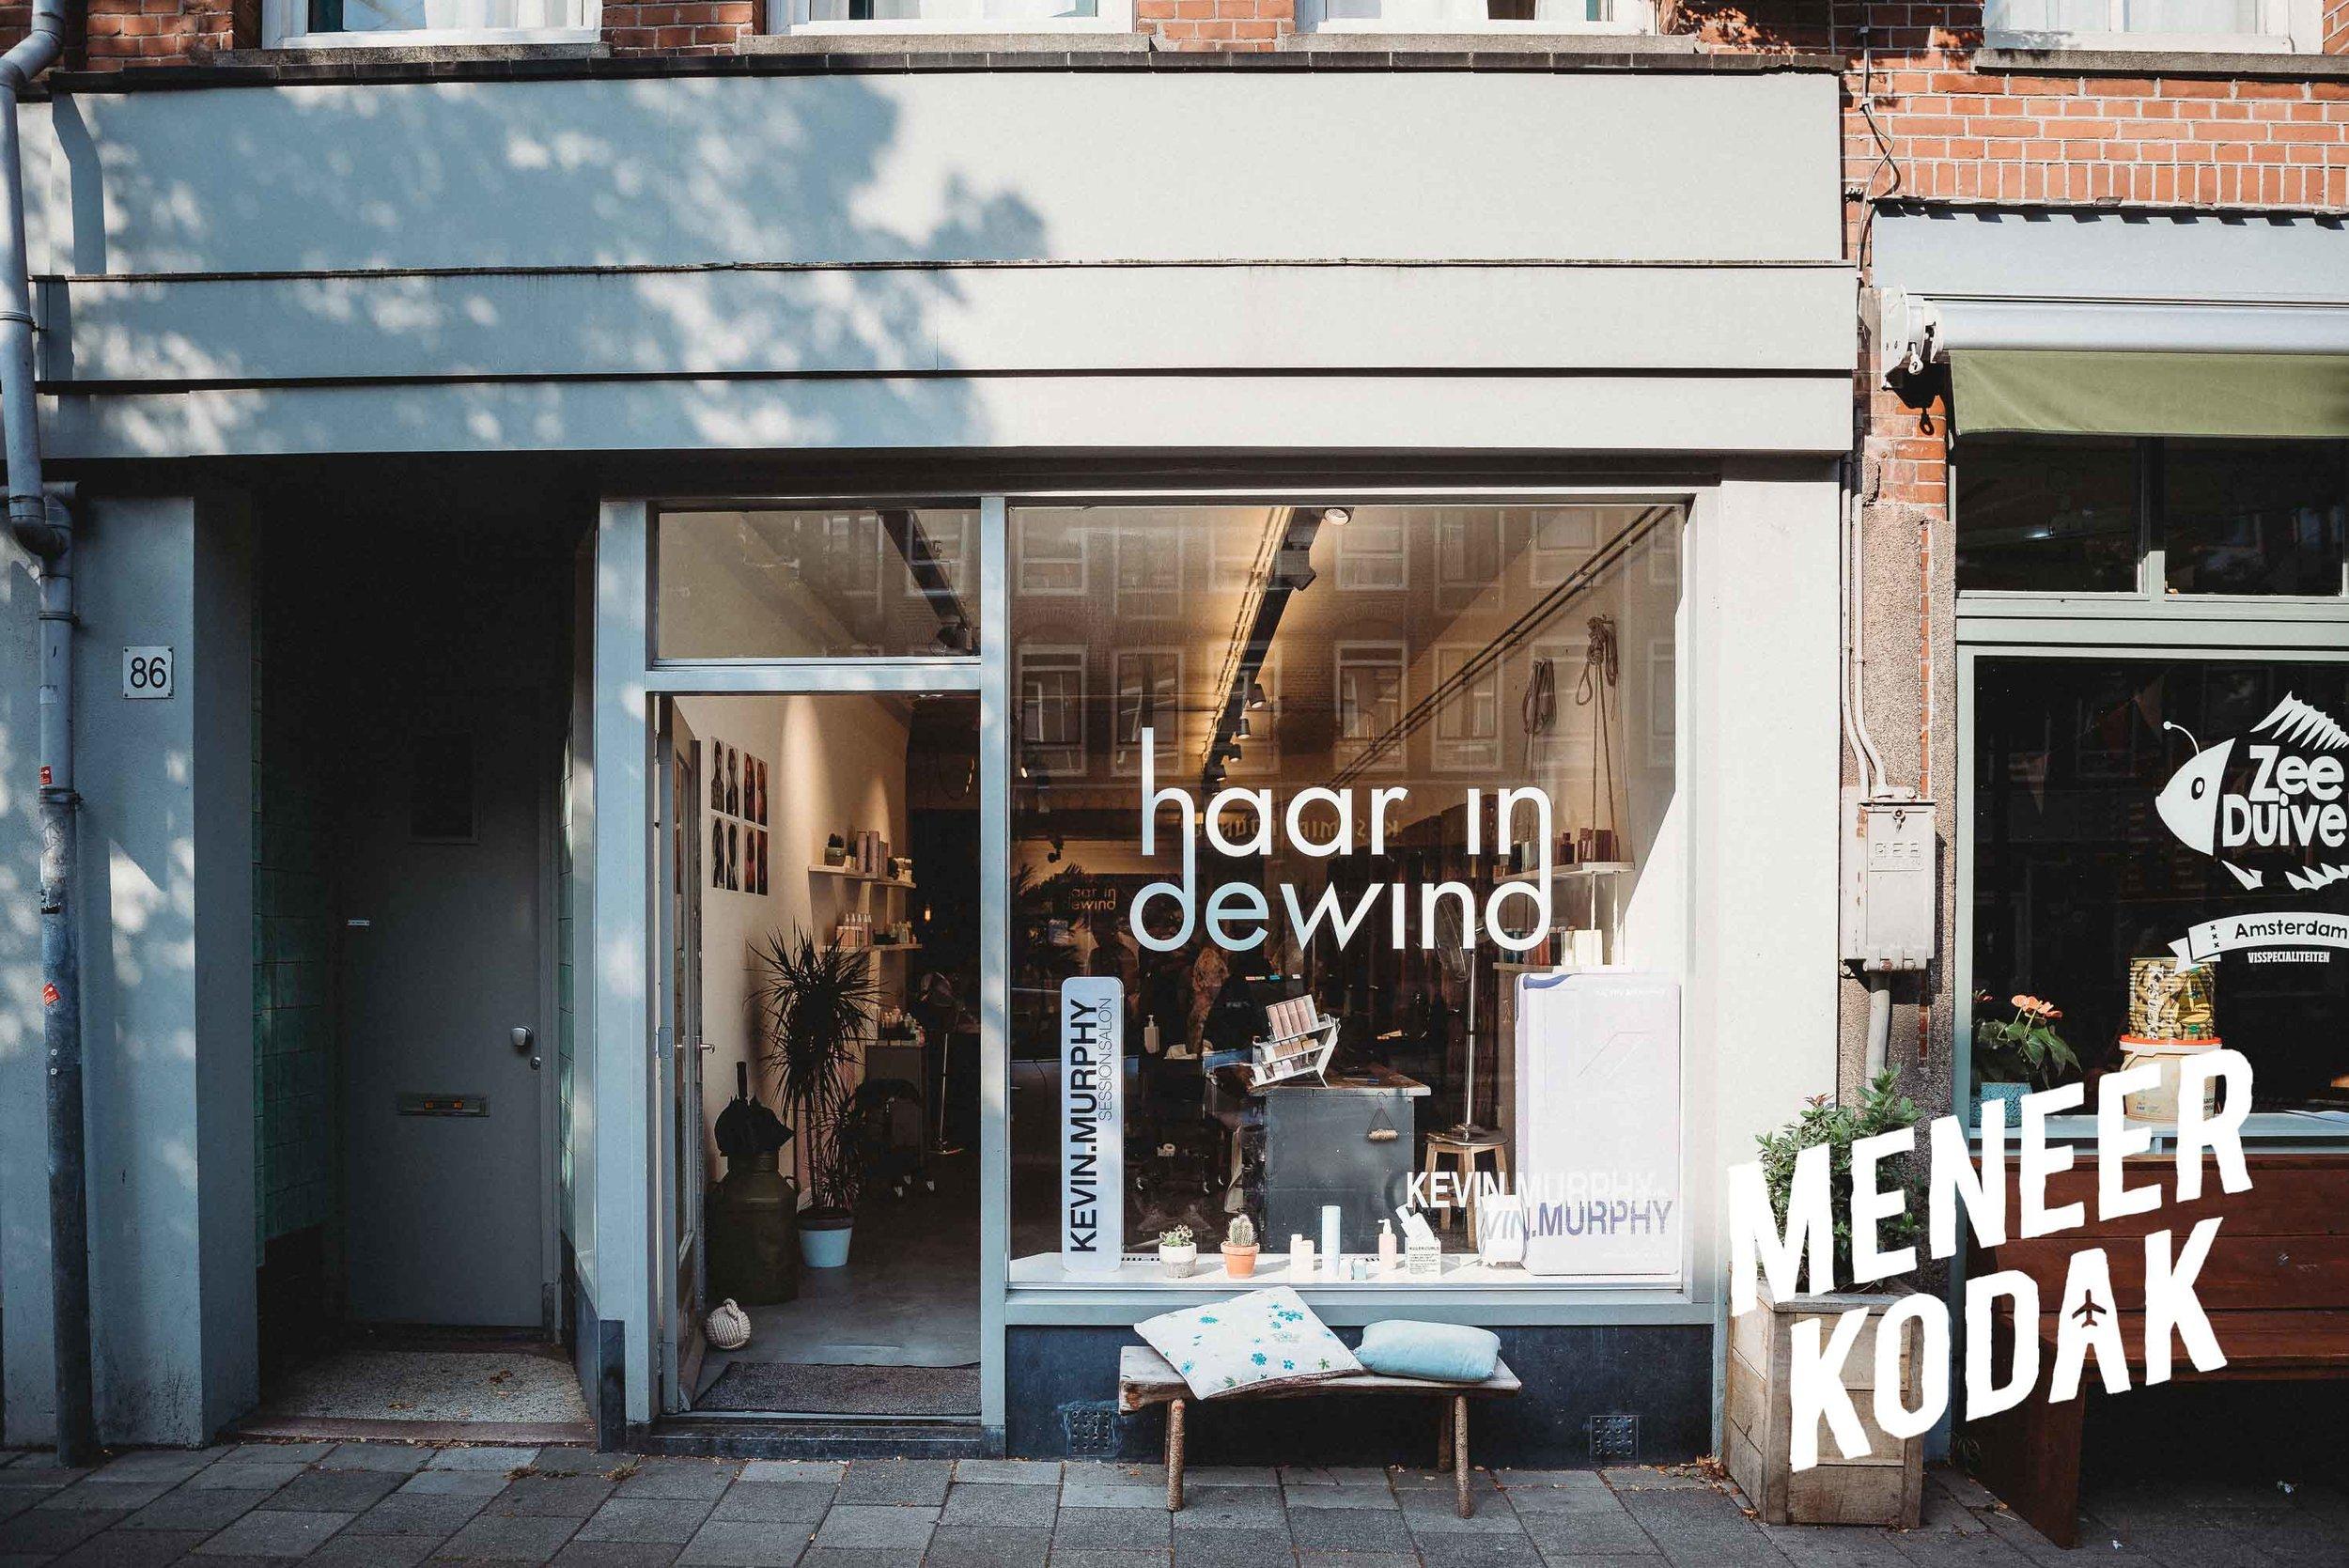 Meneer Kodak - Trouwfotograaf - Amsterdam - H&T-004.jpg